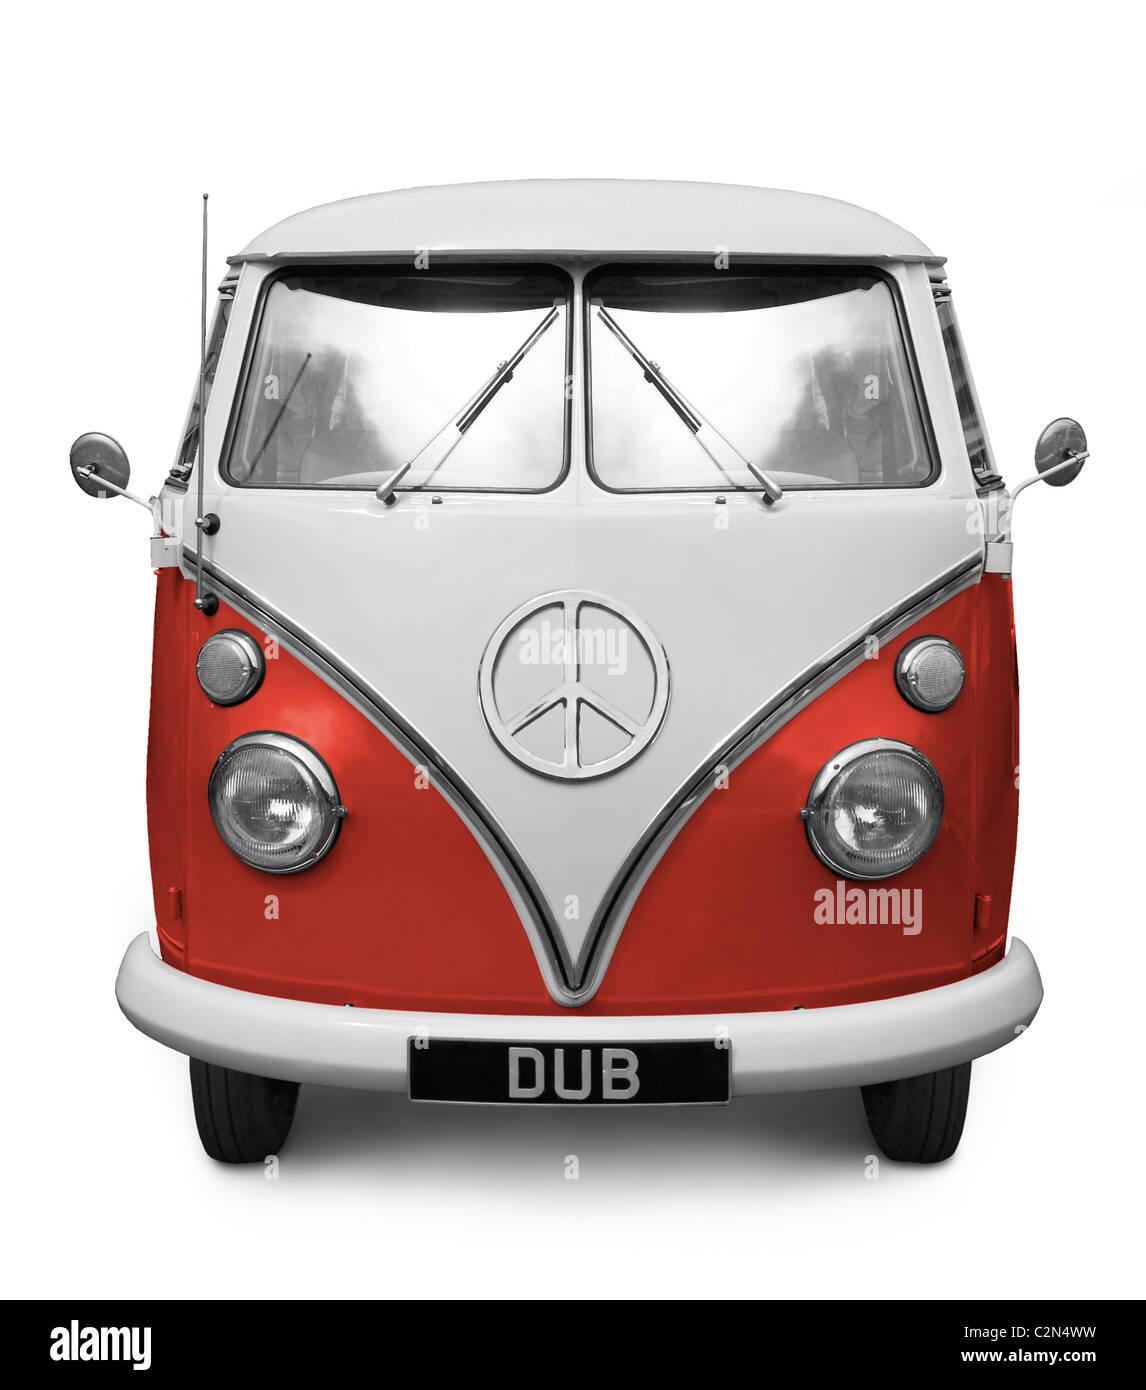 Camping-car rouge iconique avec symbole CND sur le devant. (La couleur peut être réglée à partir Photo Stock